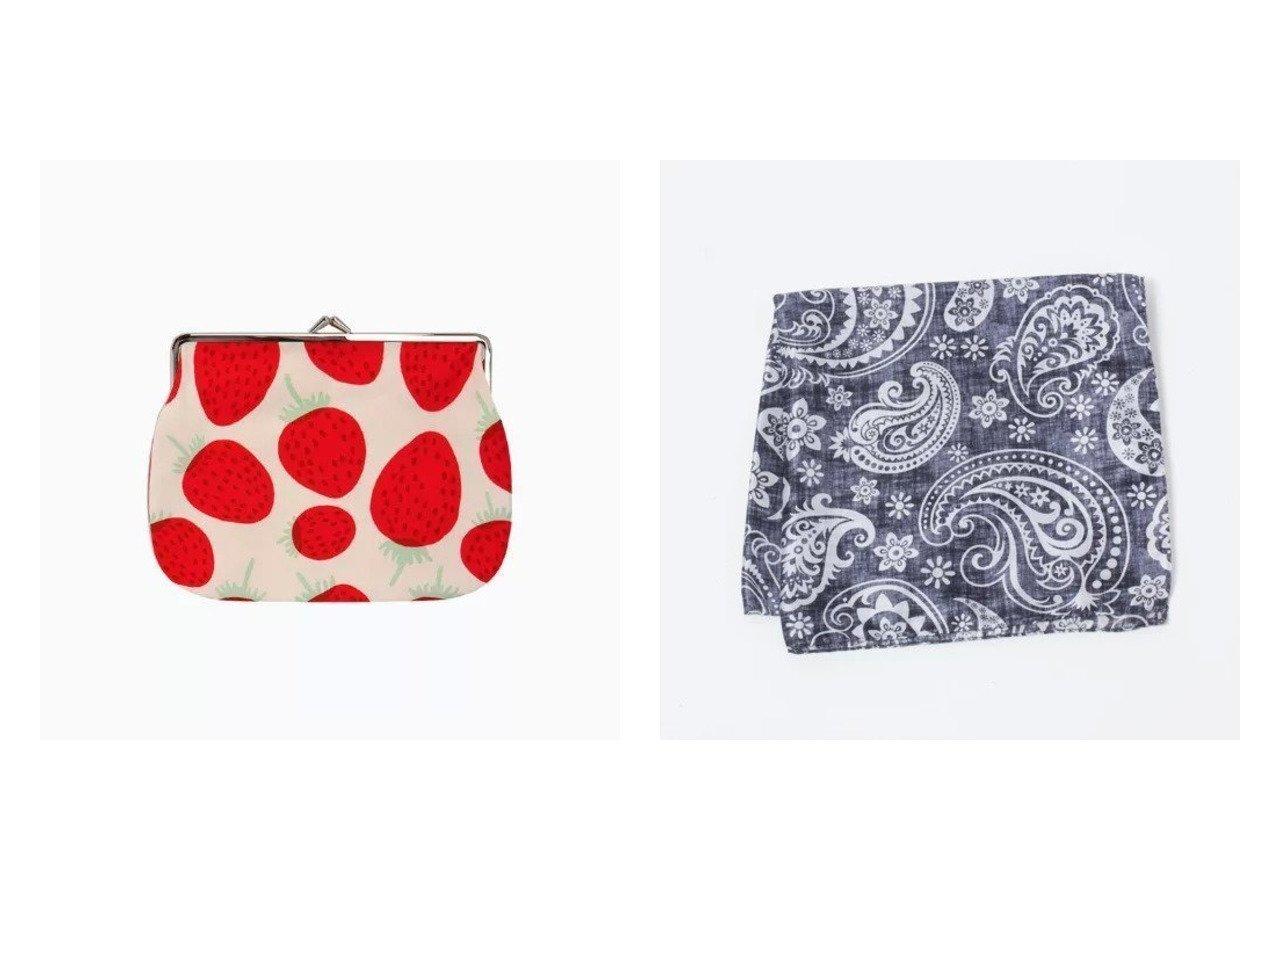 【marimekko/マリメッコ】の【日本限定】Puolikas Kukkaro Mansikka がま口ポーチ&【LELLE/レルエ】のペーズリーシルクスカーフ おすすめ!人気トレンド・レディースファッション通販 おすすめで人気の流行・トレンド、ファッションの通販商品 インテリア・家具・メンズファッション・キッズファッション・レディースファッション・服の通販 founy(ファニー) https://founy.com/ 雑誌掲載アイテム Magazine Items ファッション雑誌 Fashion Magazines リー LEE ファッション Fashion レディースファッション WOMEN ポーチ Pouches ストール Scarves マフラー Mufflers アクセサリー ステーショナリー スマート ファブリック ポーチ 6月号 イタリア シルク スカーフ ストール バンダナ フォルム マフラー 雑誌 |ID:crp329100000046293